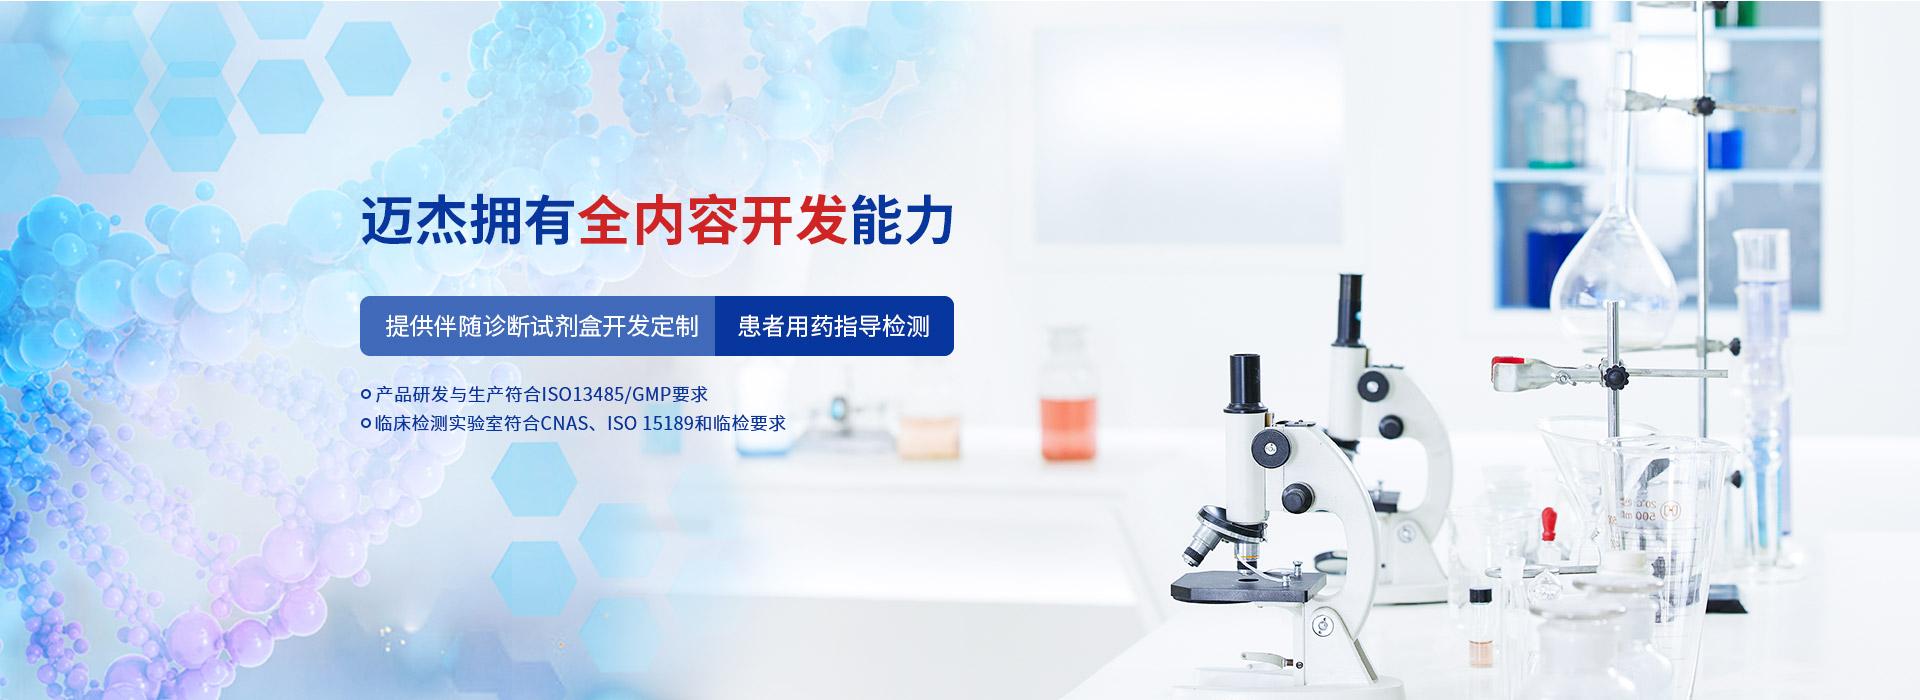 迈杰转化医学提供伴随试剂盒开发定制与患者用药指导检测.jpg